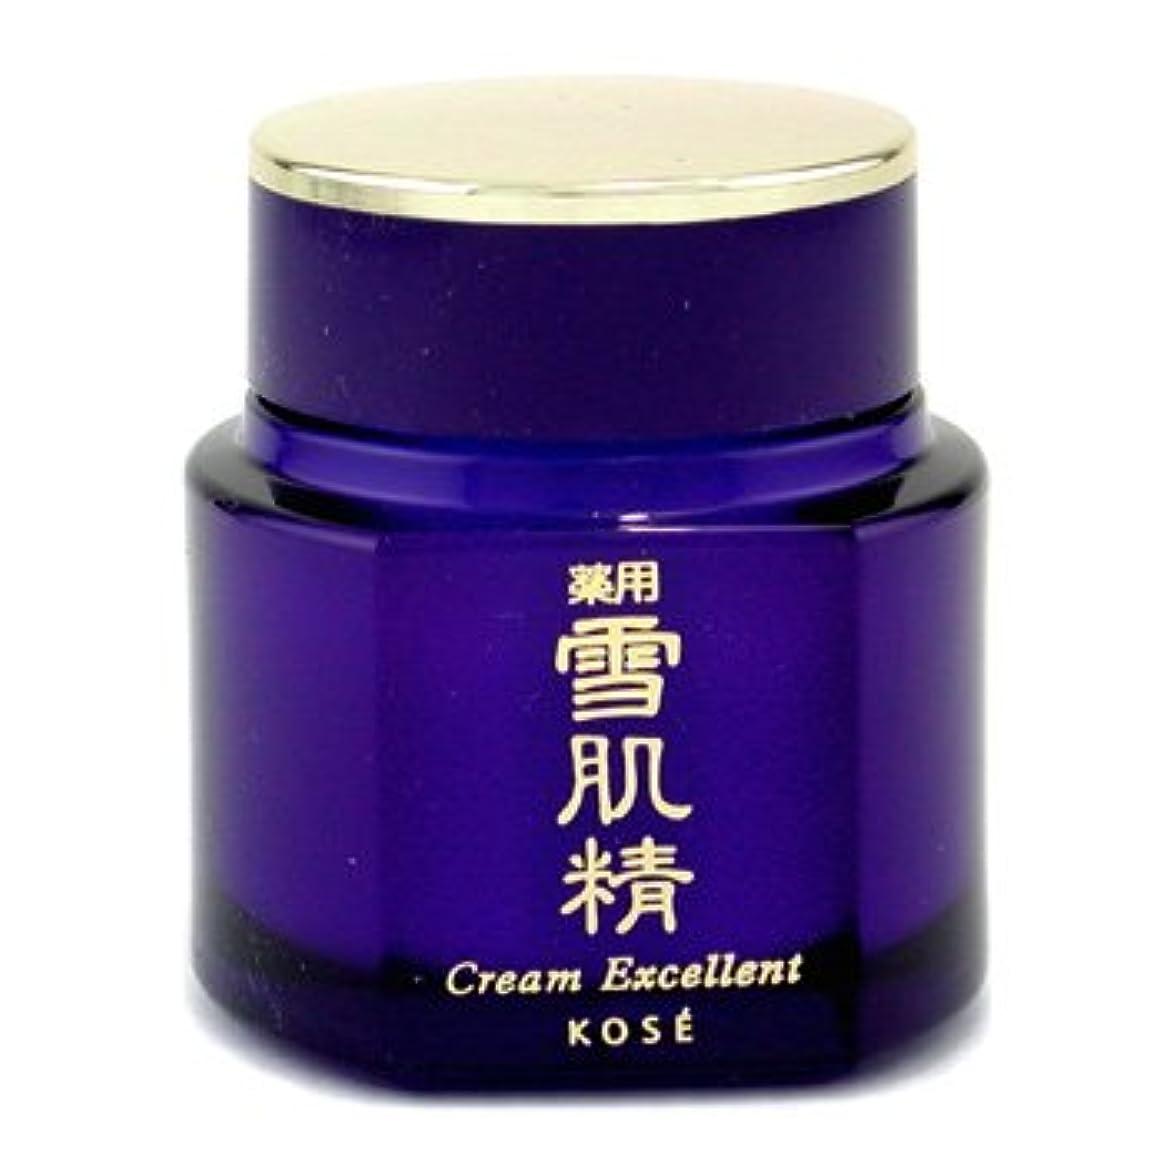 適応的適用済み海外コーセー 薬用 雪肌精クリーム EX 50g